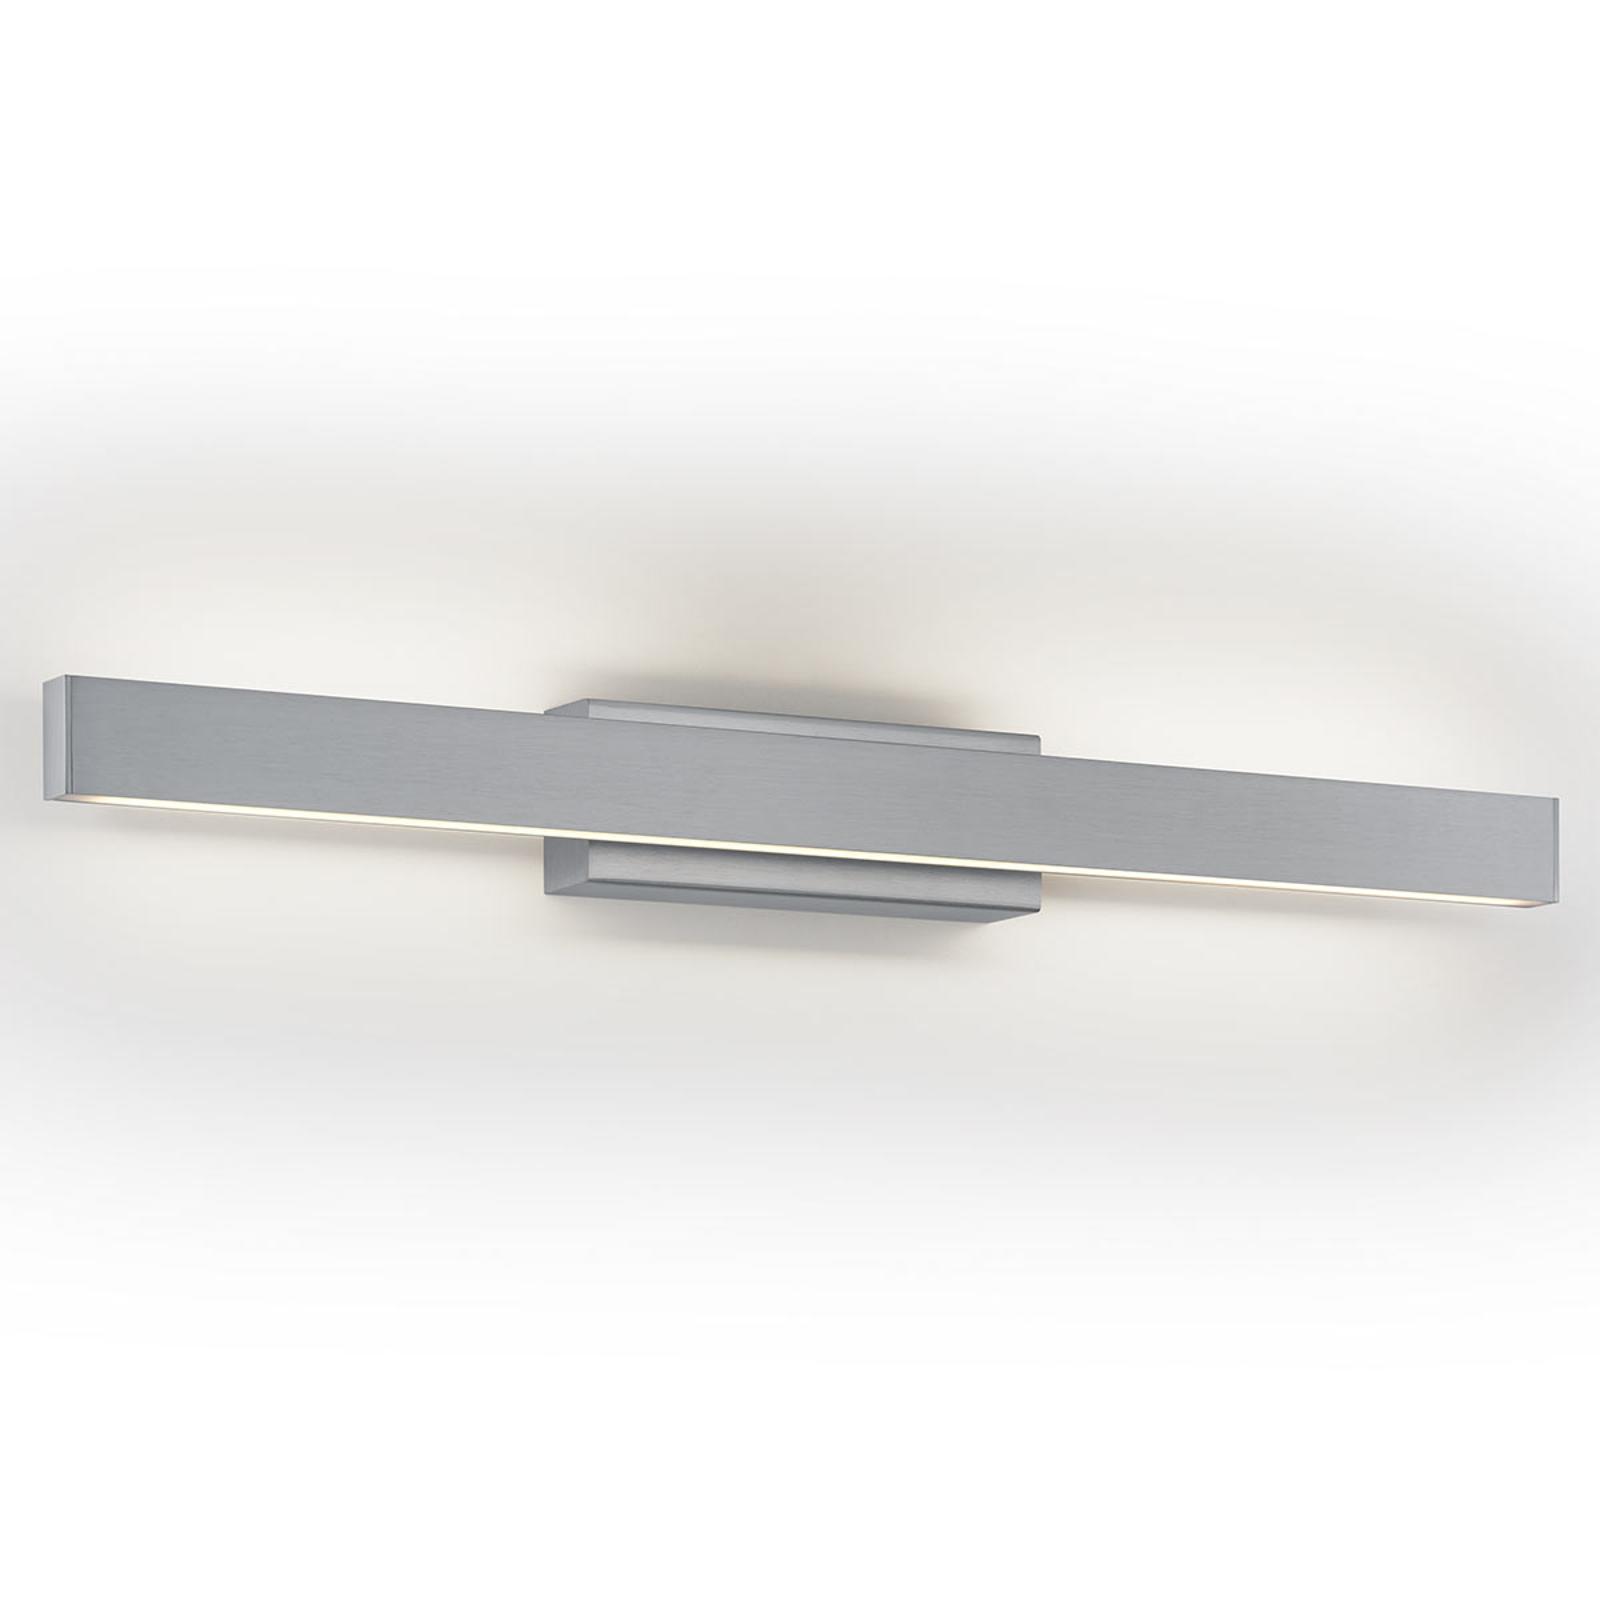 LED-Wandleuchte Pia, dimmbar, nickel matt